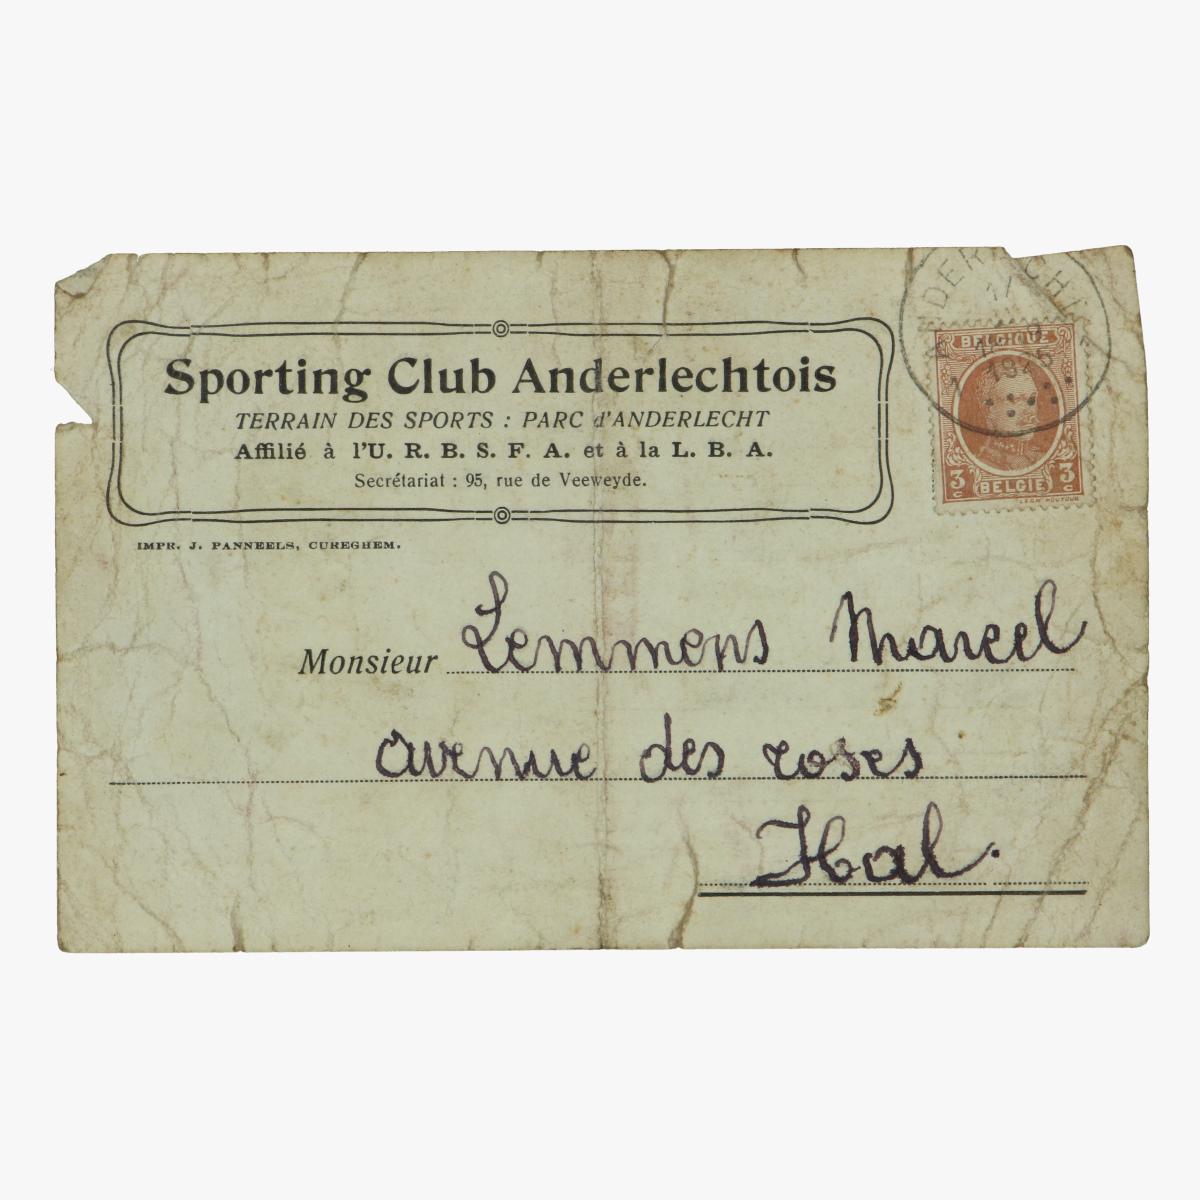 Afbeeldingen van sporting club anderlechtois 1925  uitnodiging om match te spelen